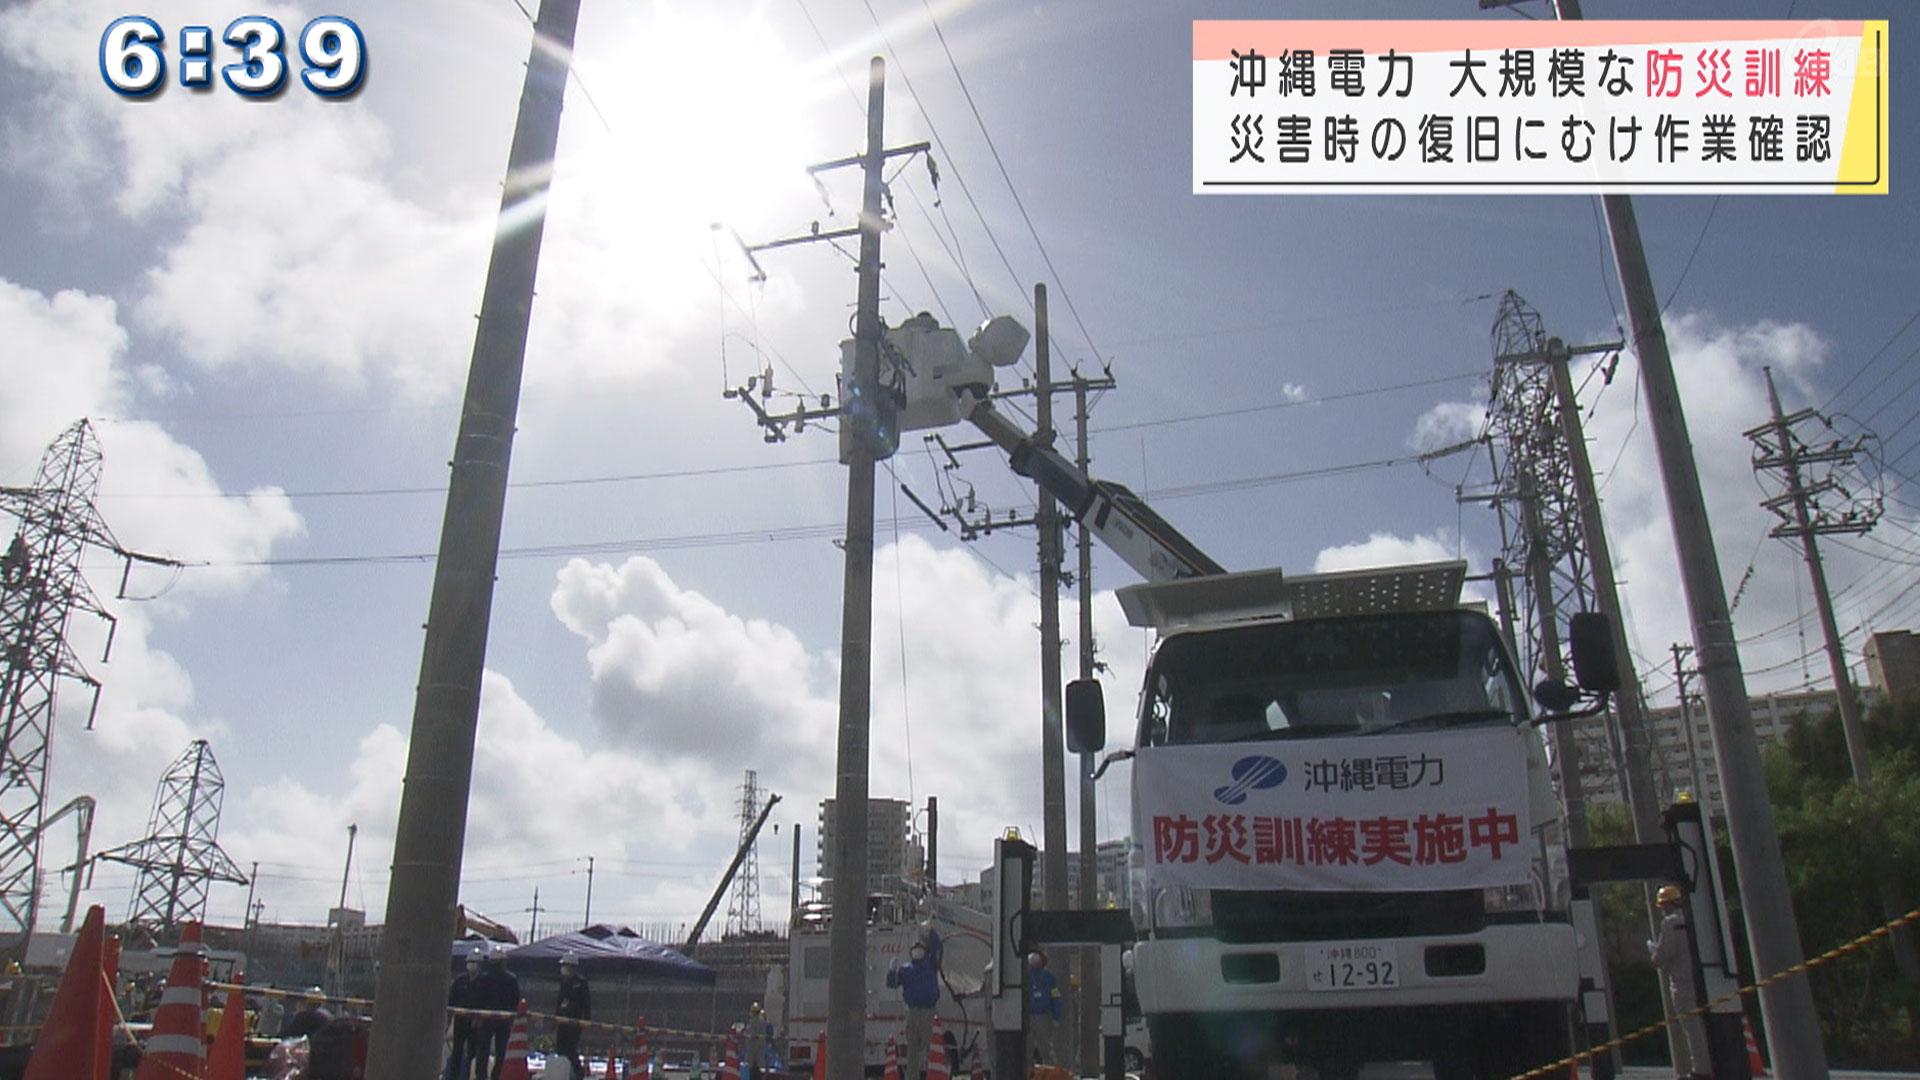 沖縄電力で防災訓練 復旧作業など手順確認